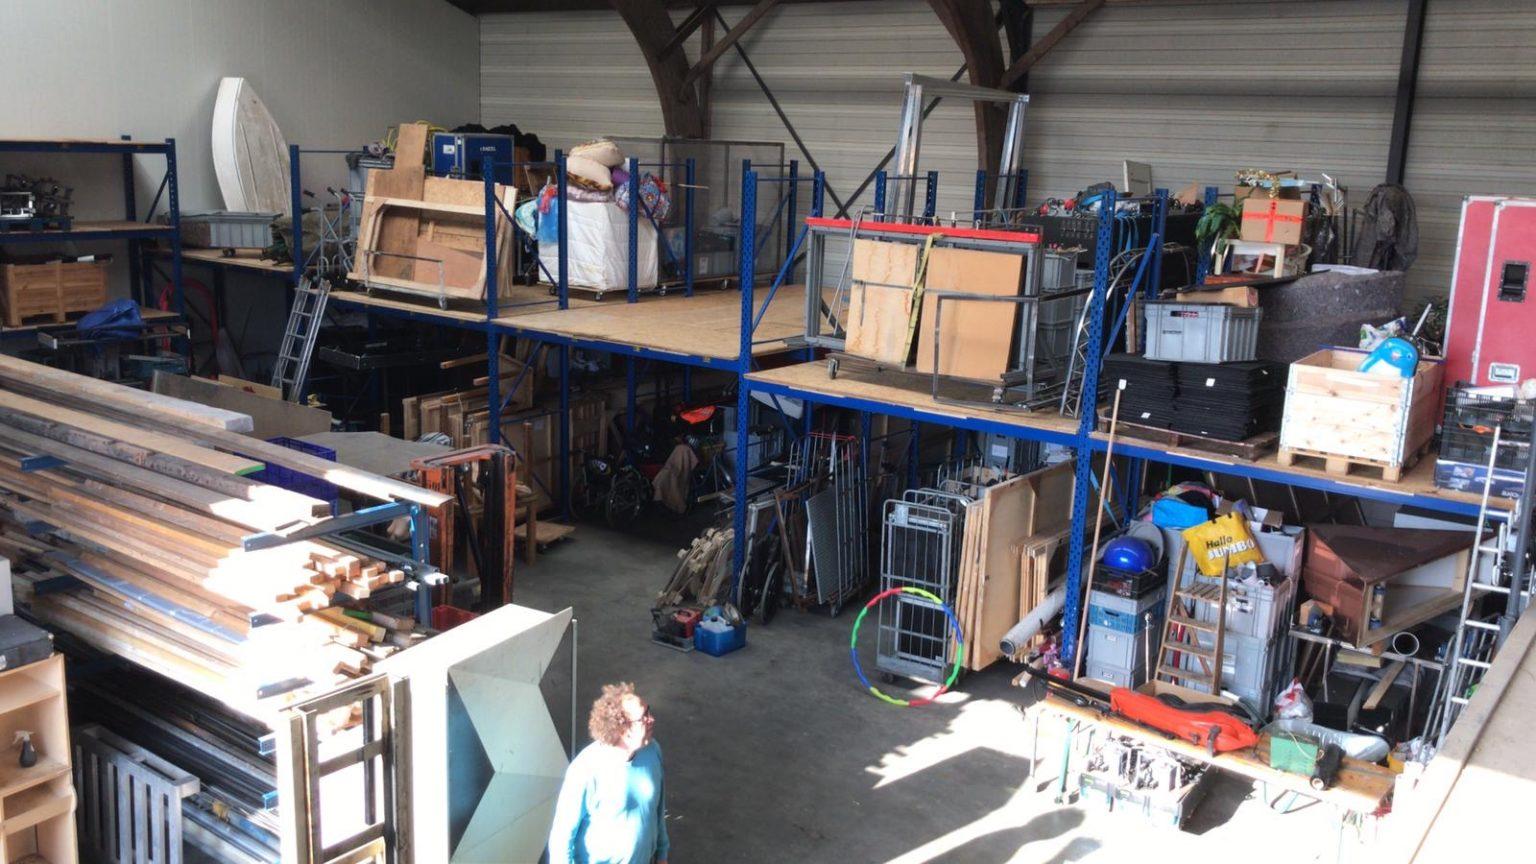 Theater Artemis - Artemis verhuisd naar nieuwe werkplaats